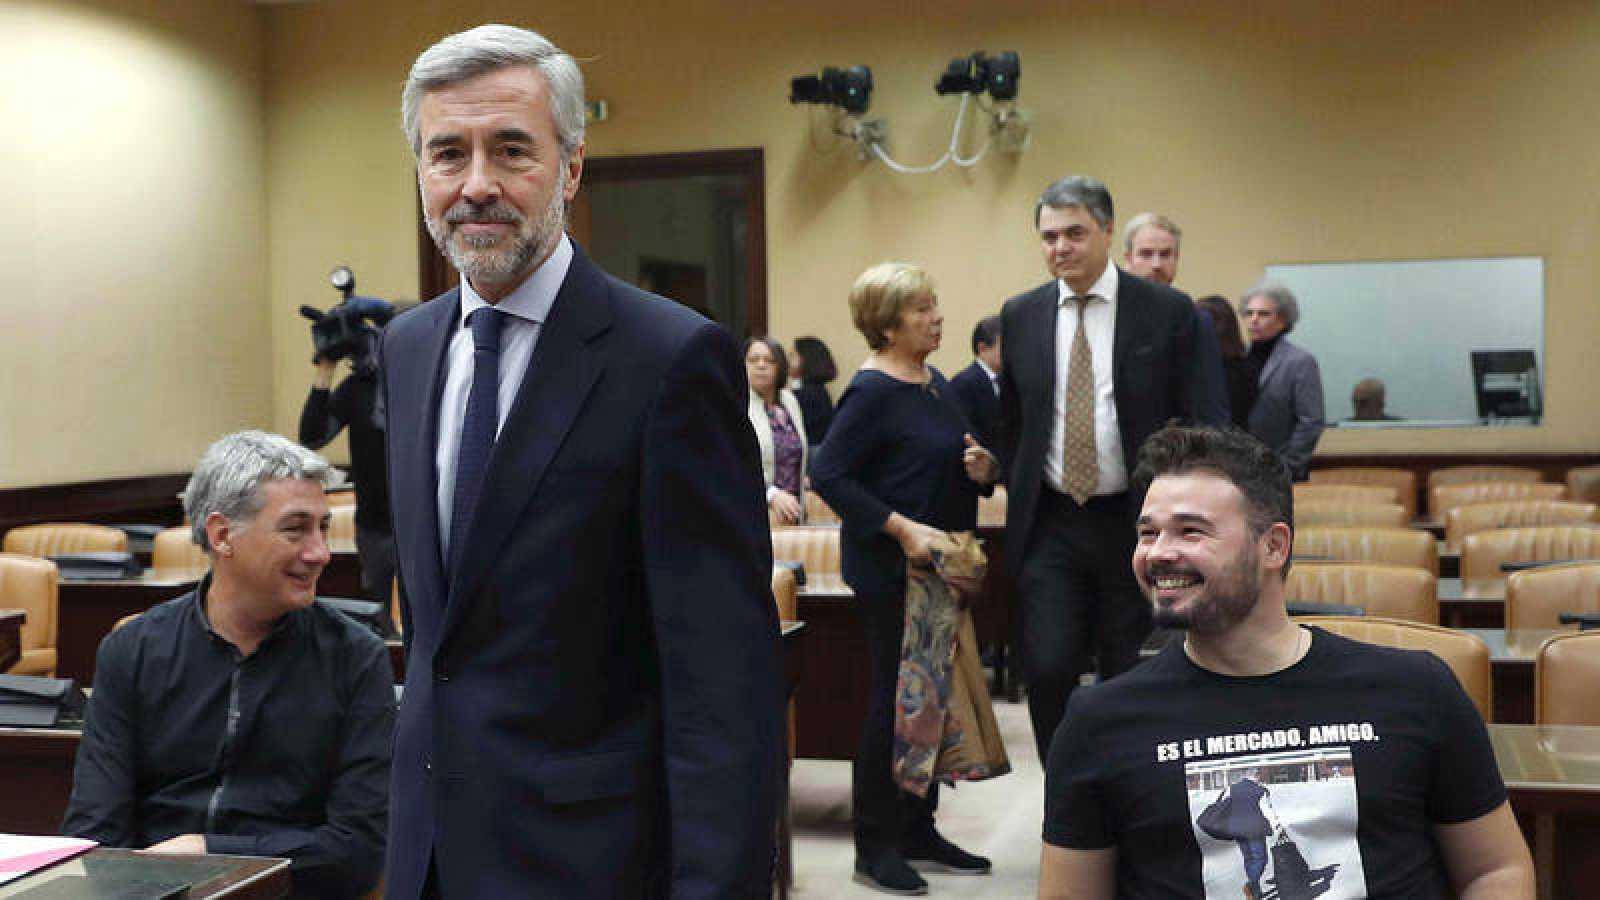 El ex secretario general del PP y exministro del Interior Ángel Acebes llega a la Comisión de Investigación sobre la presunta financiación ilegal del PP